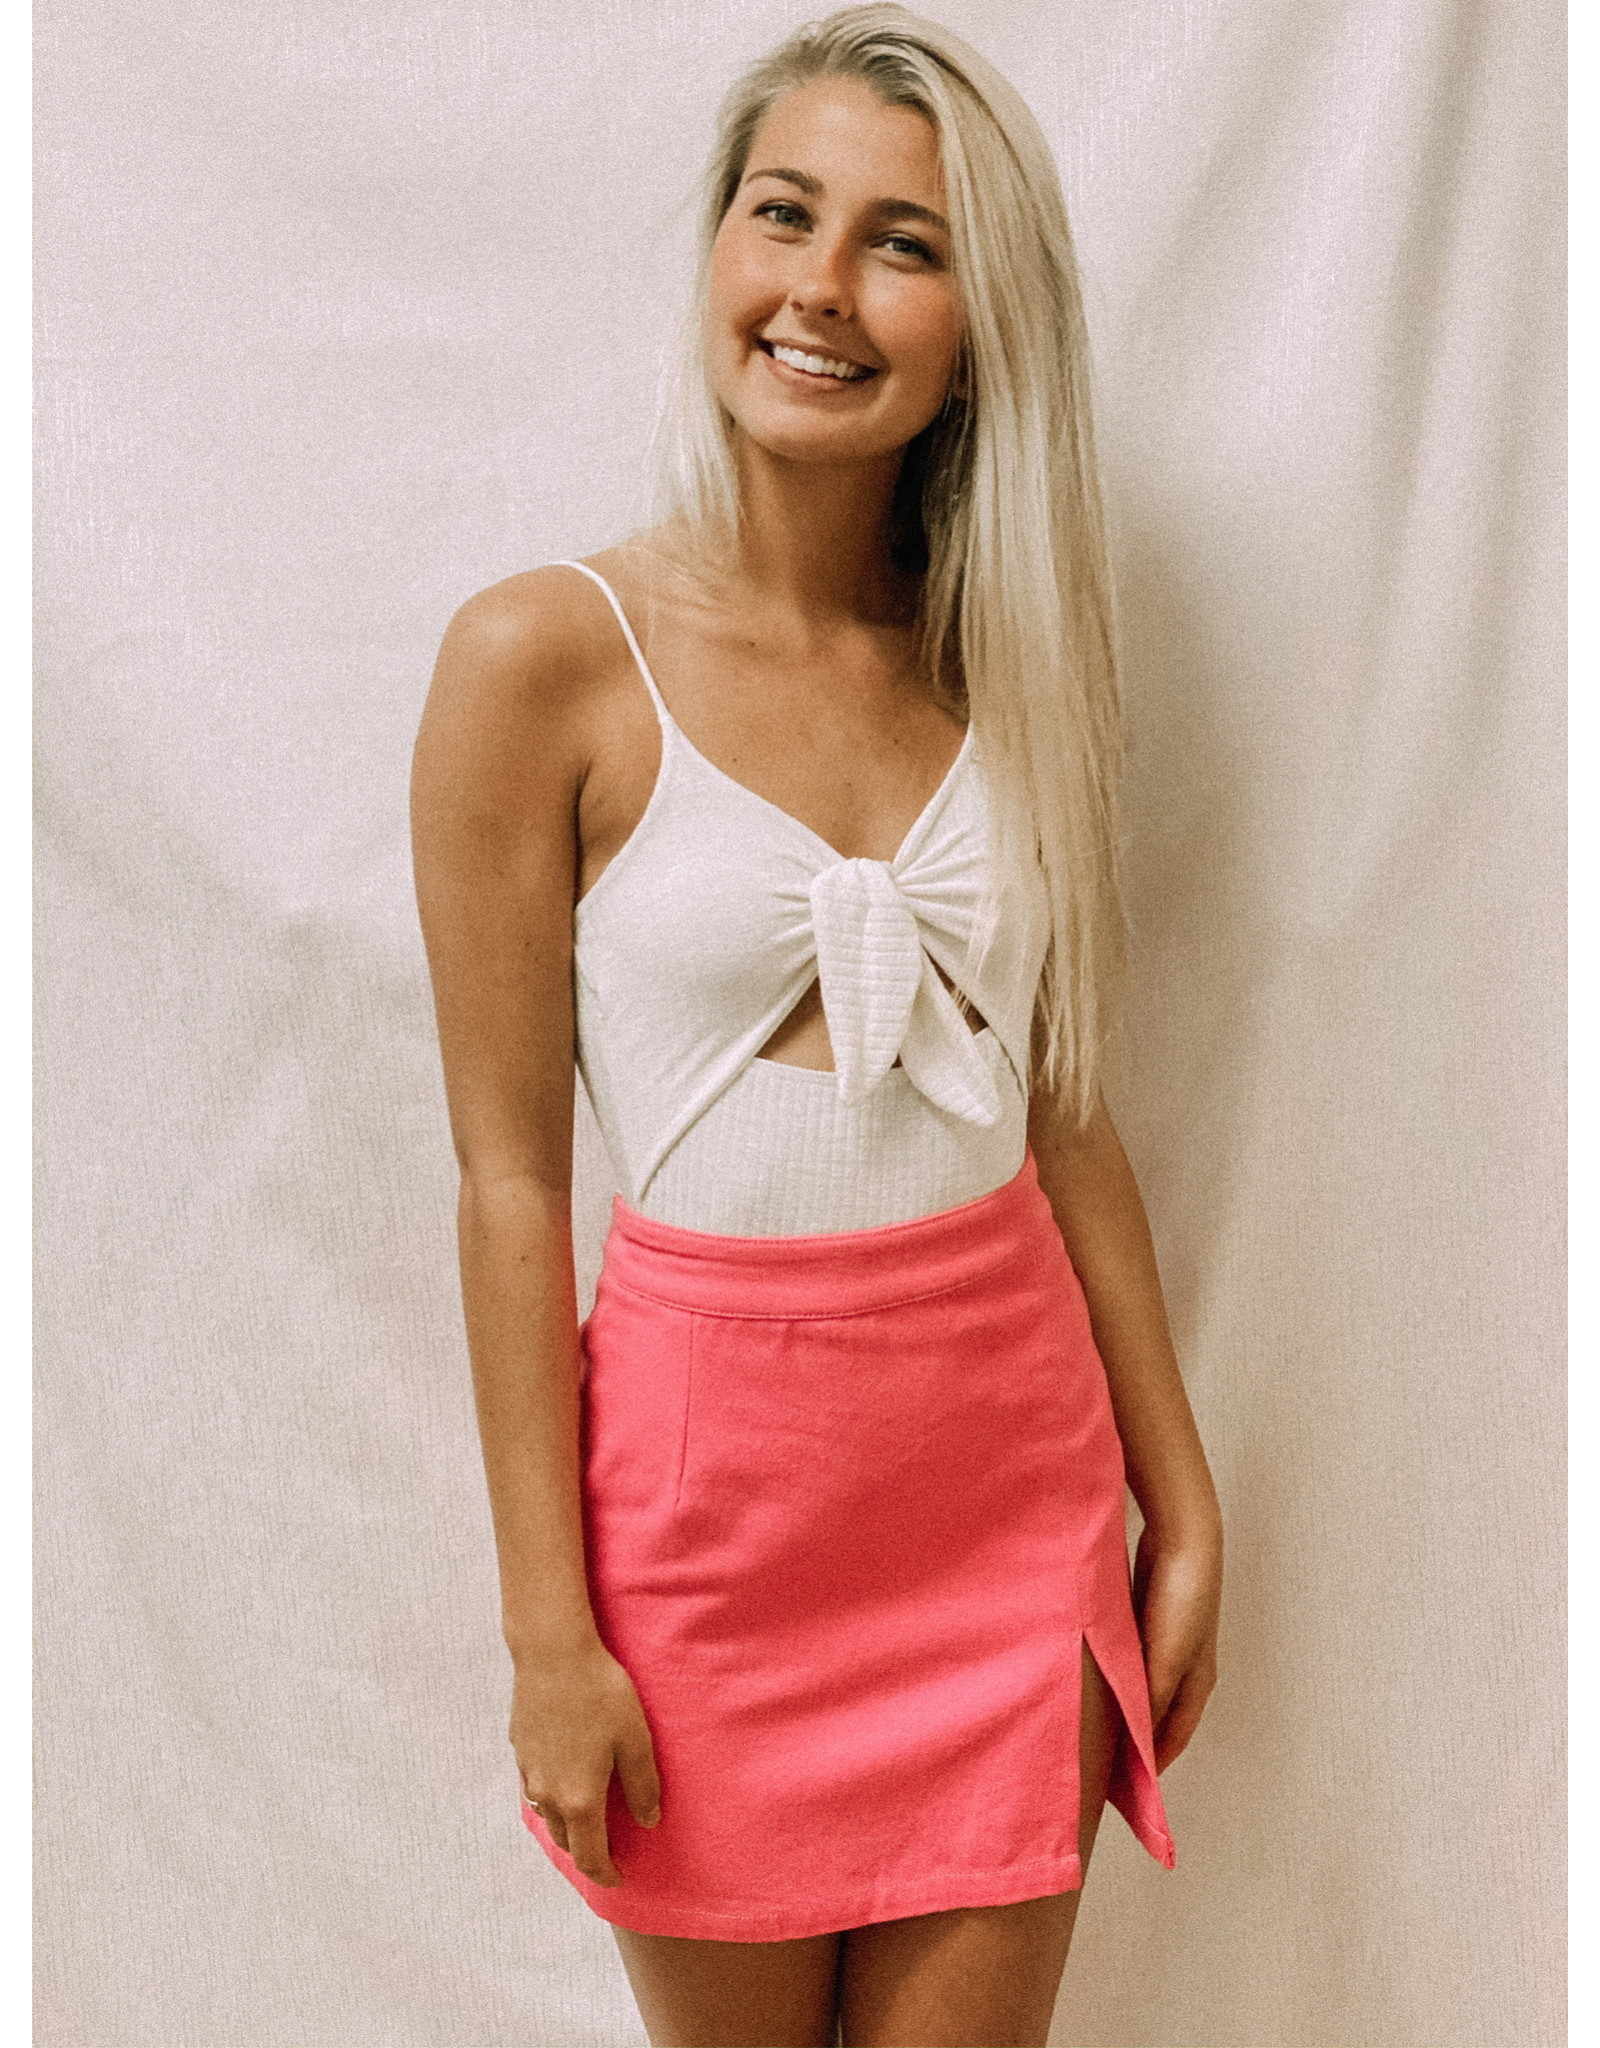 Elle Woods Skirt